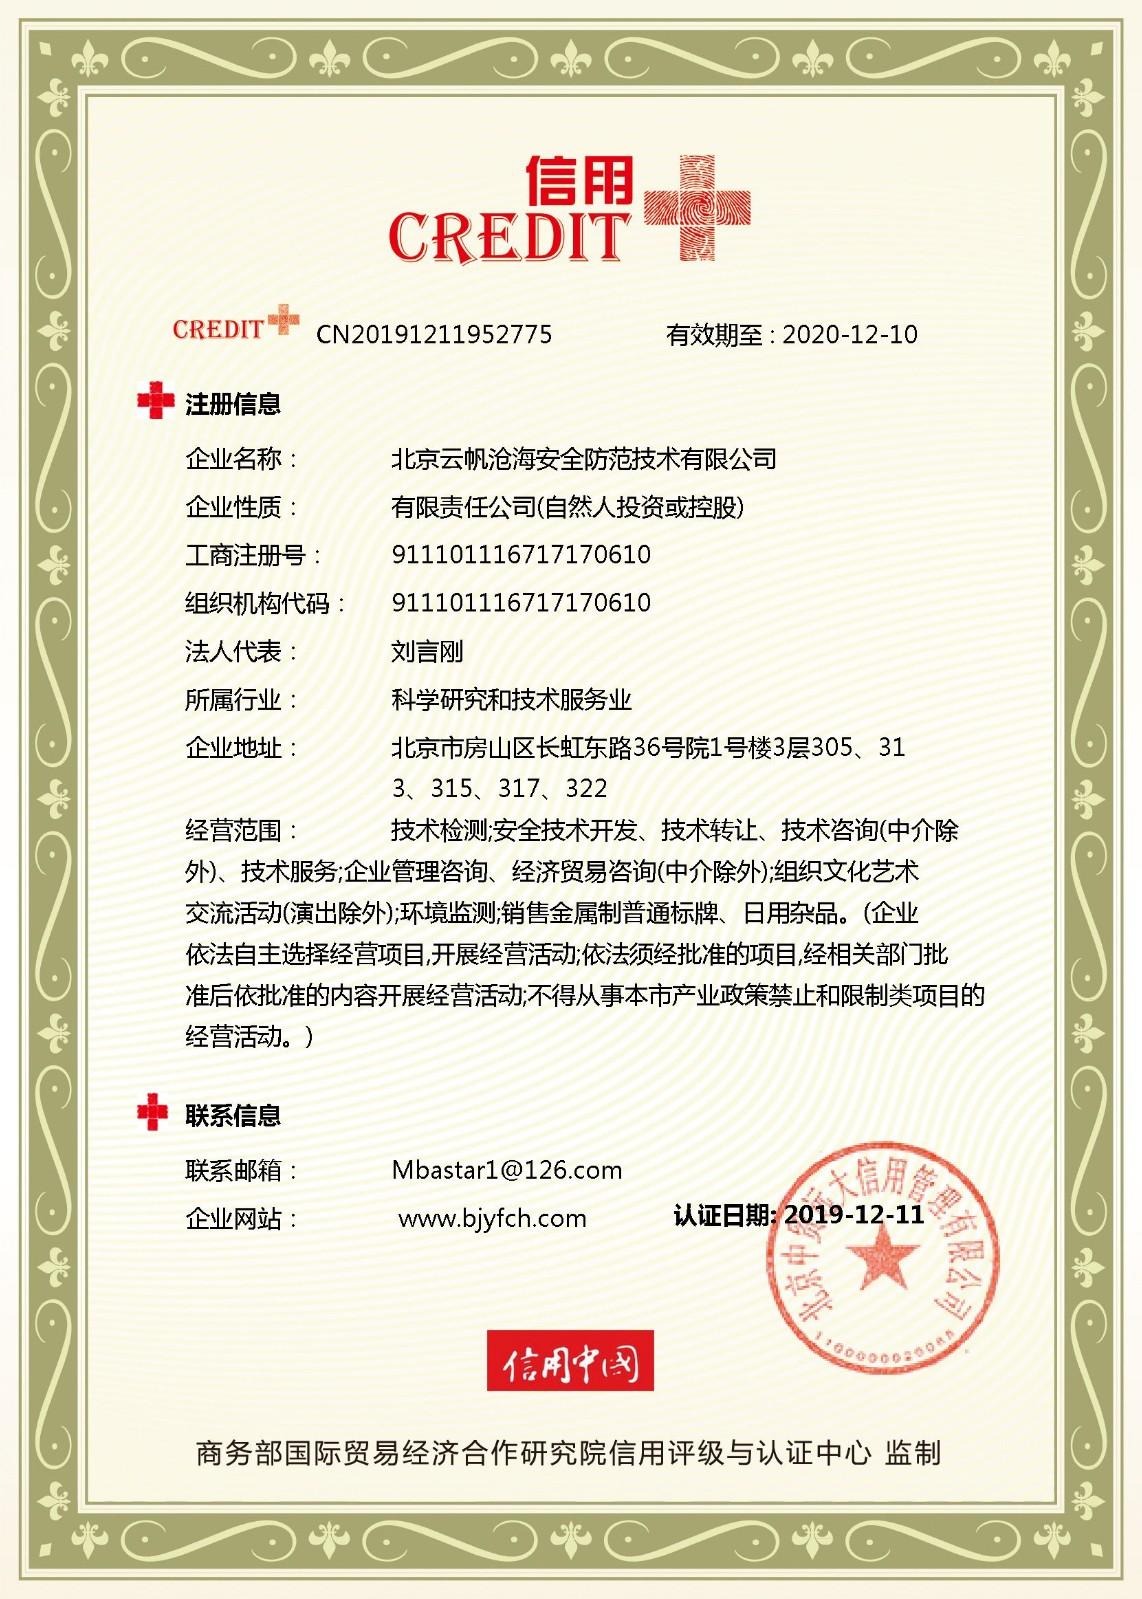 北京云帆沧海安全防范技术有限公司 (2).jpg